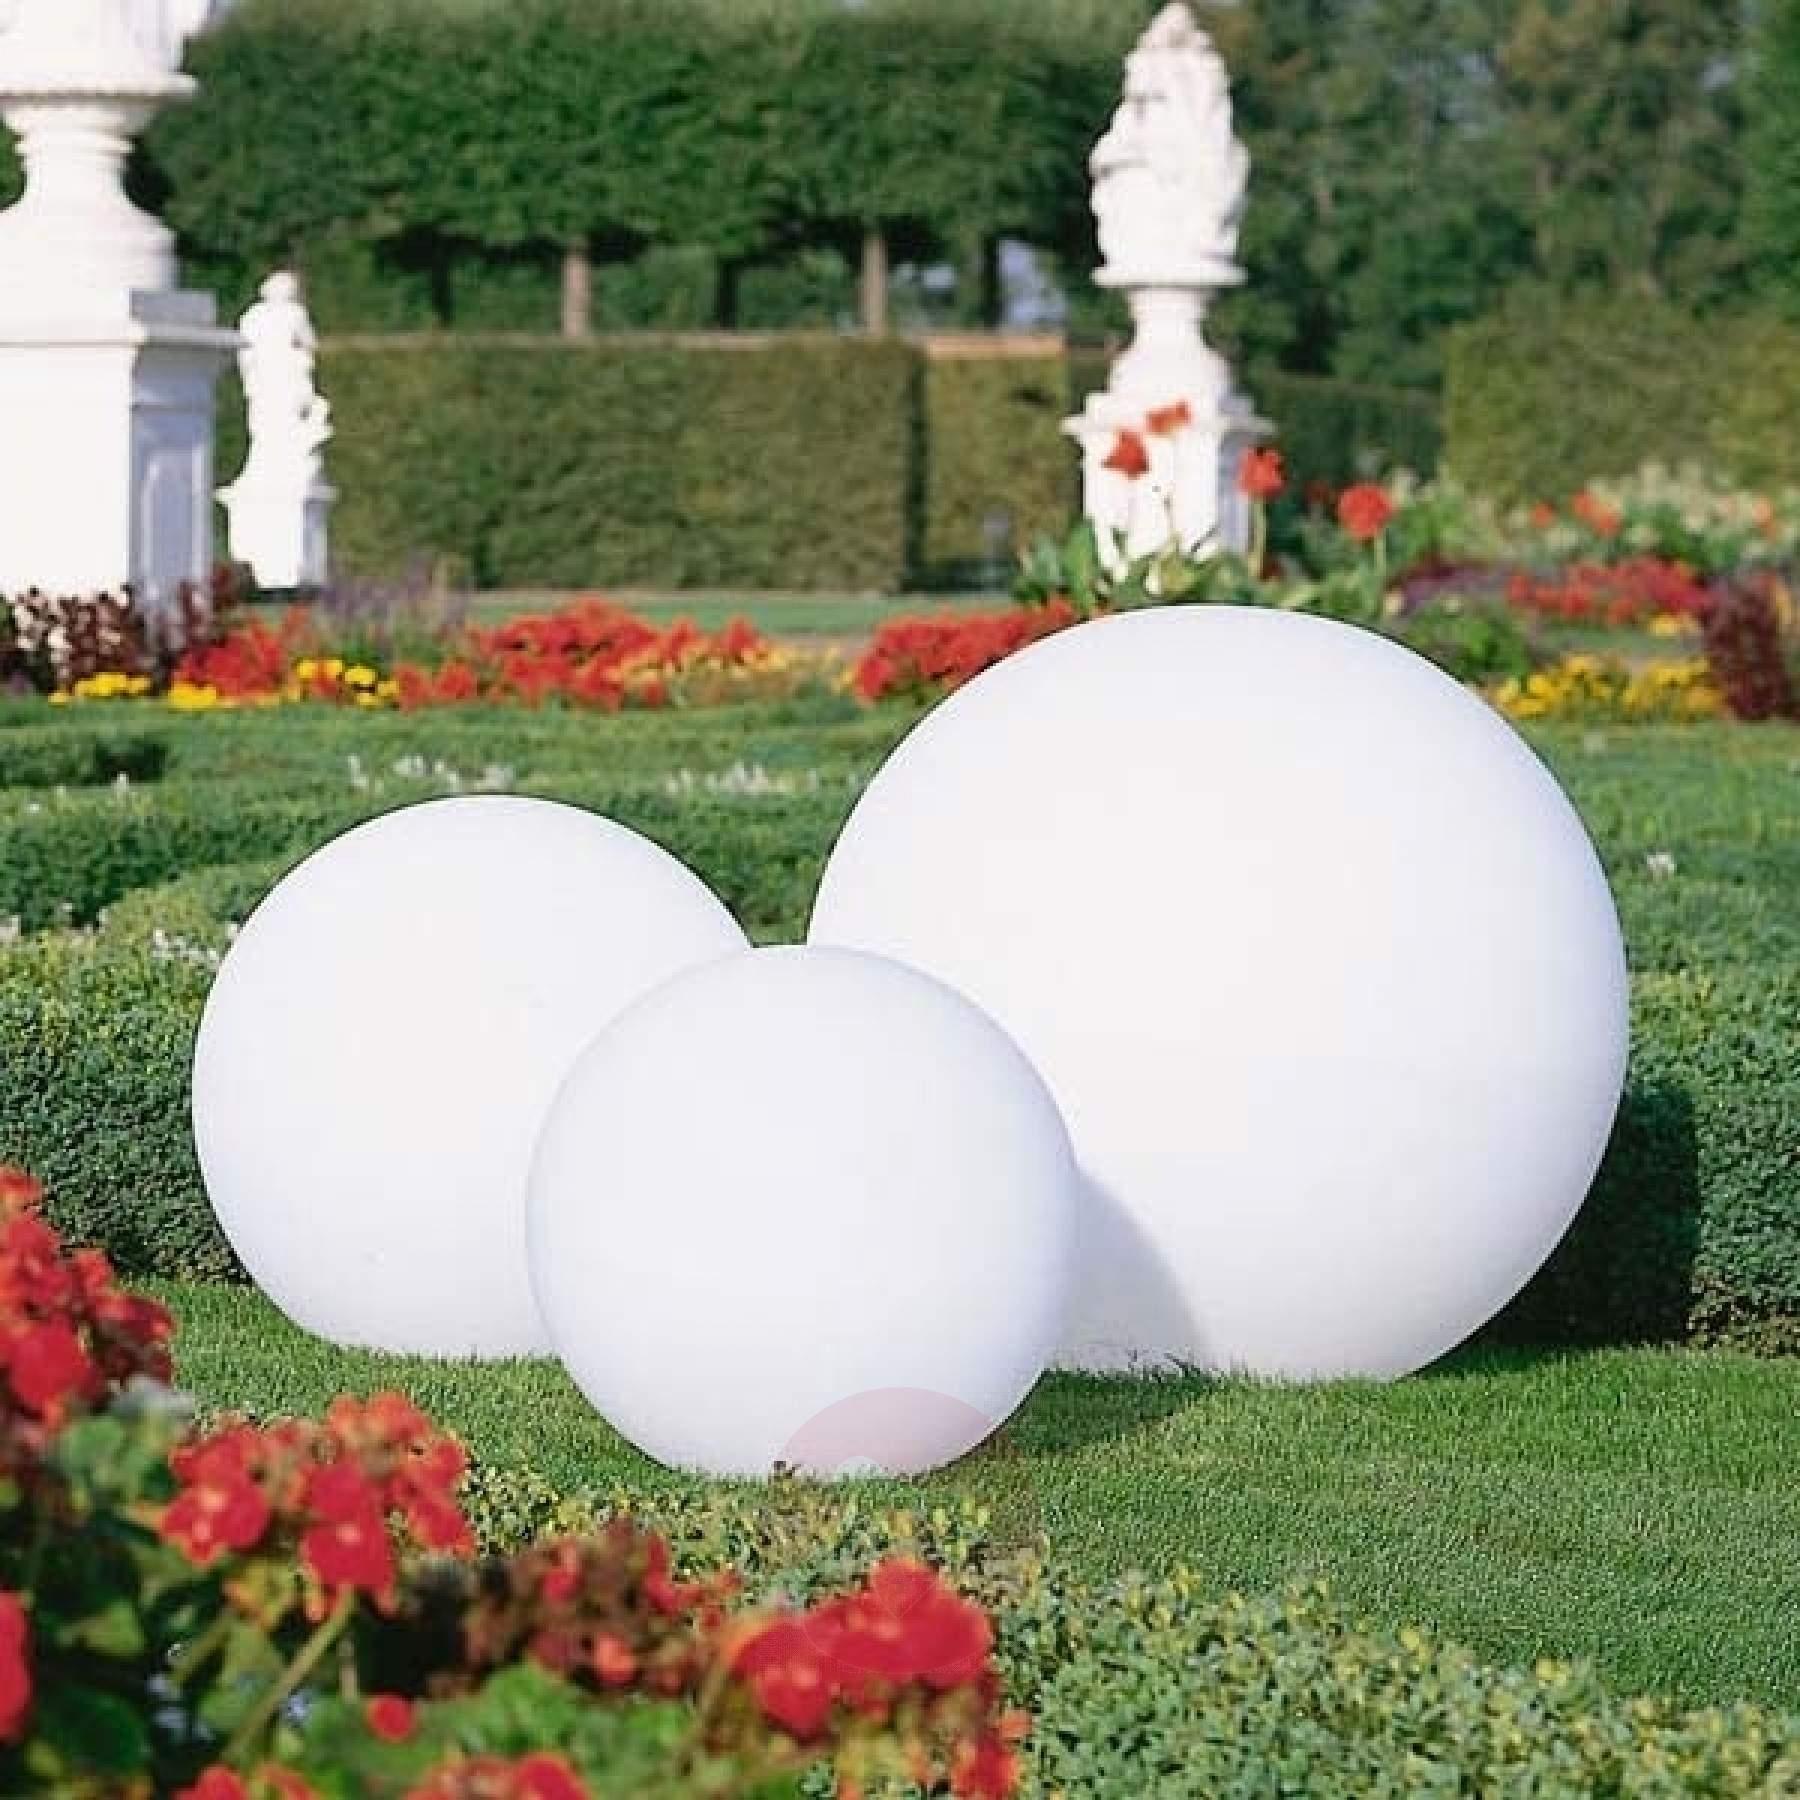 Full Size of Kugelleuchten Garten Hochwertige Kugelleuchte Snowball Wei Kaufen Lampenweltde Klettergerüst Aufbewahrungsbox Liegestuhl Fußballtor Spielgeräte Tisch Garten Kugelleuchten Garten